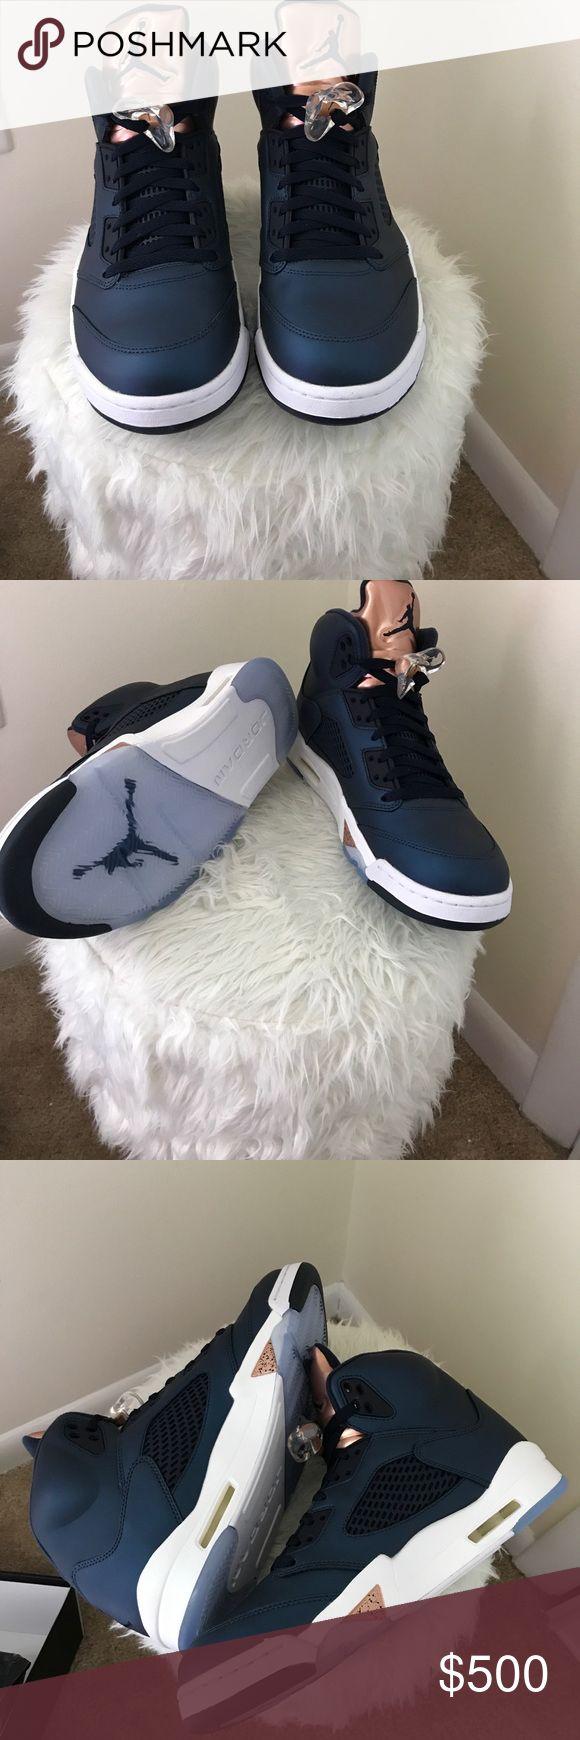 Air Jordan 5 Retro Men's Air Jordan 5 Retros. Size 10. BRAND NEW with box! Never worn. Make an offer ! Air Jordan Shoes Sneakers